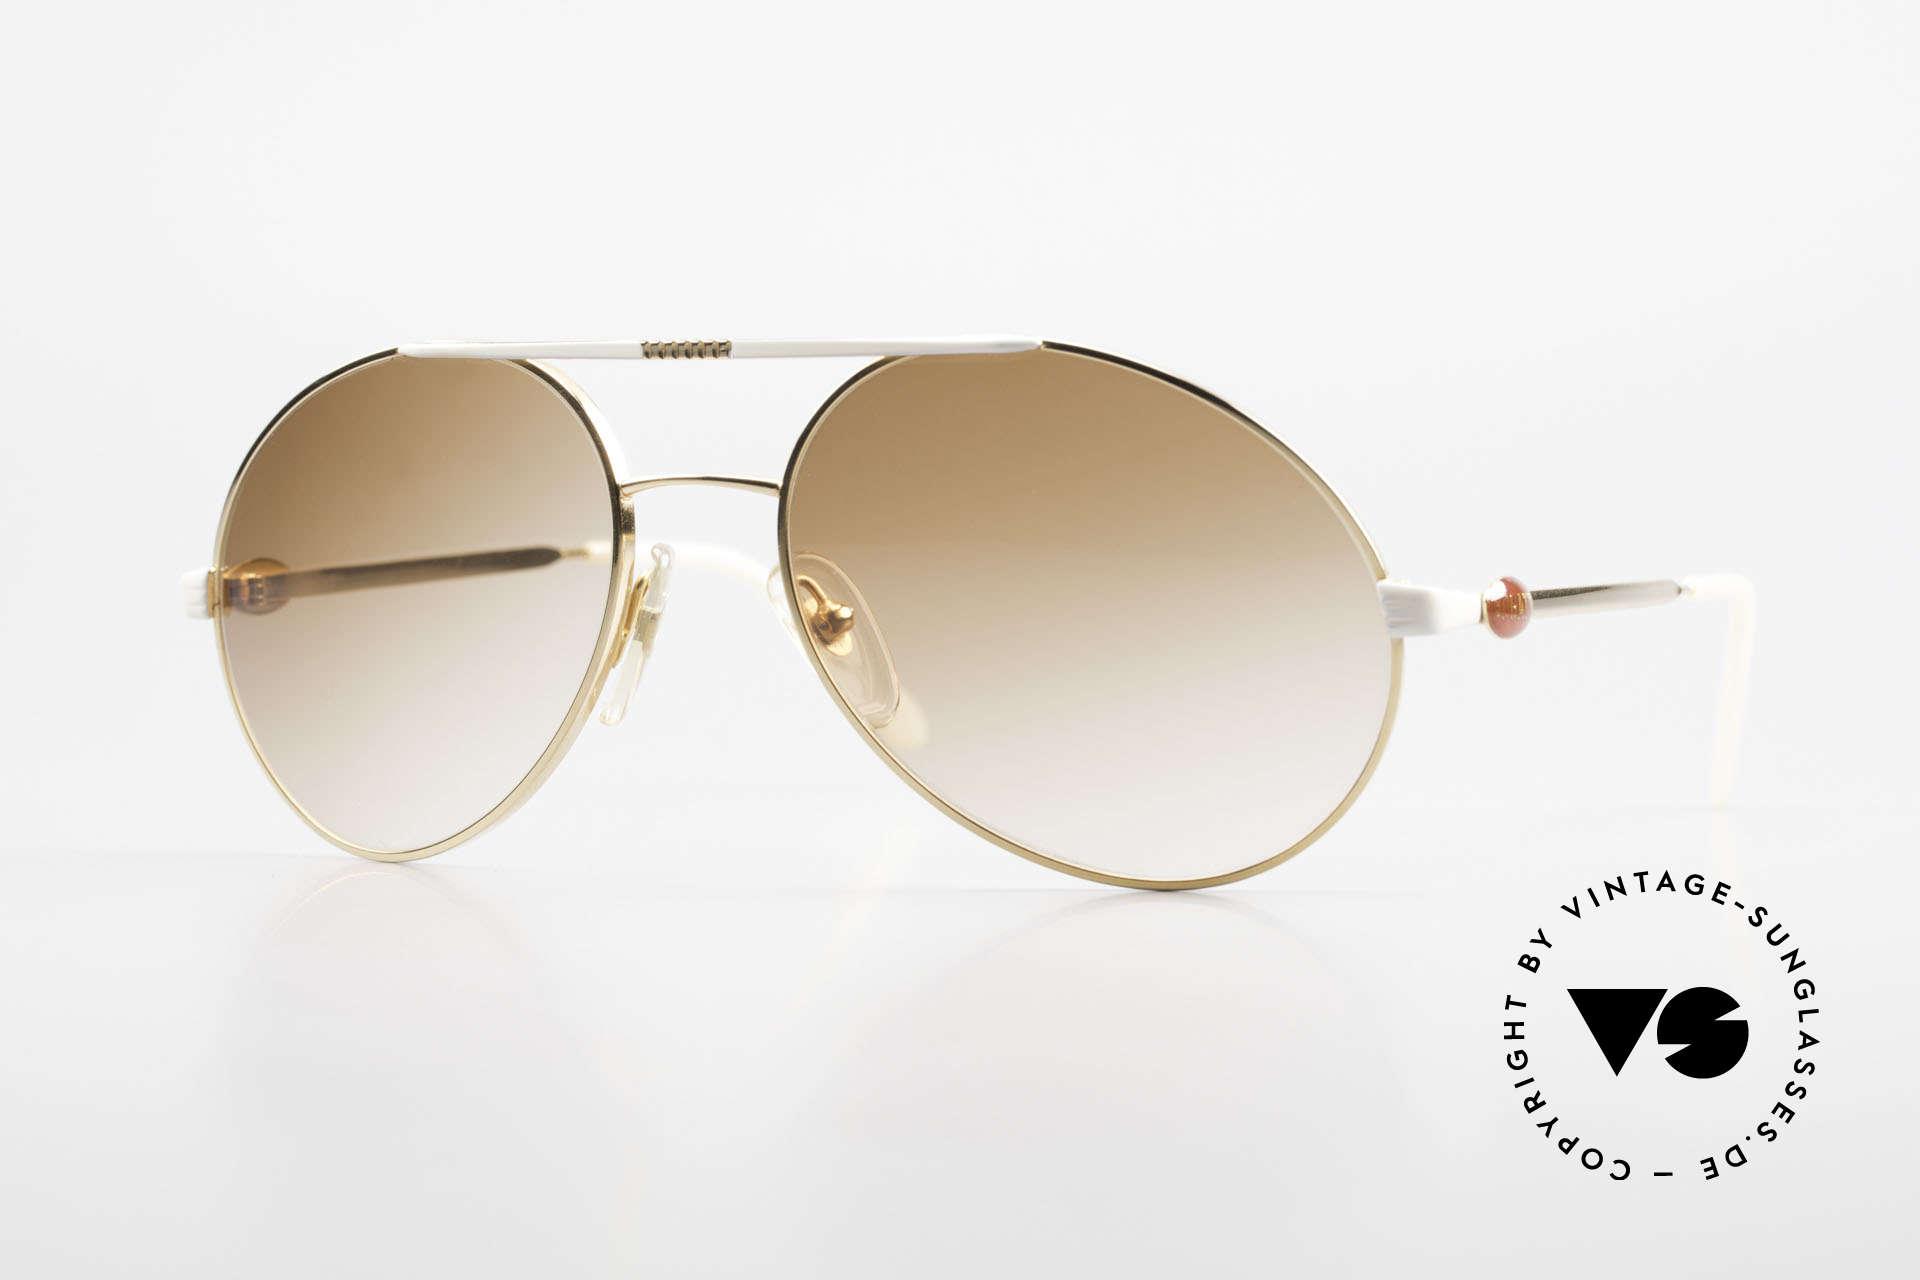 Bugatti 64317 Herren Sonnenbrille Vintage, klassische Herren-Sonnenbrille von Bugatti, 1980er, Passend für Herren